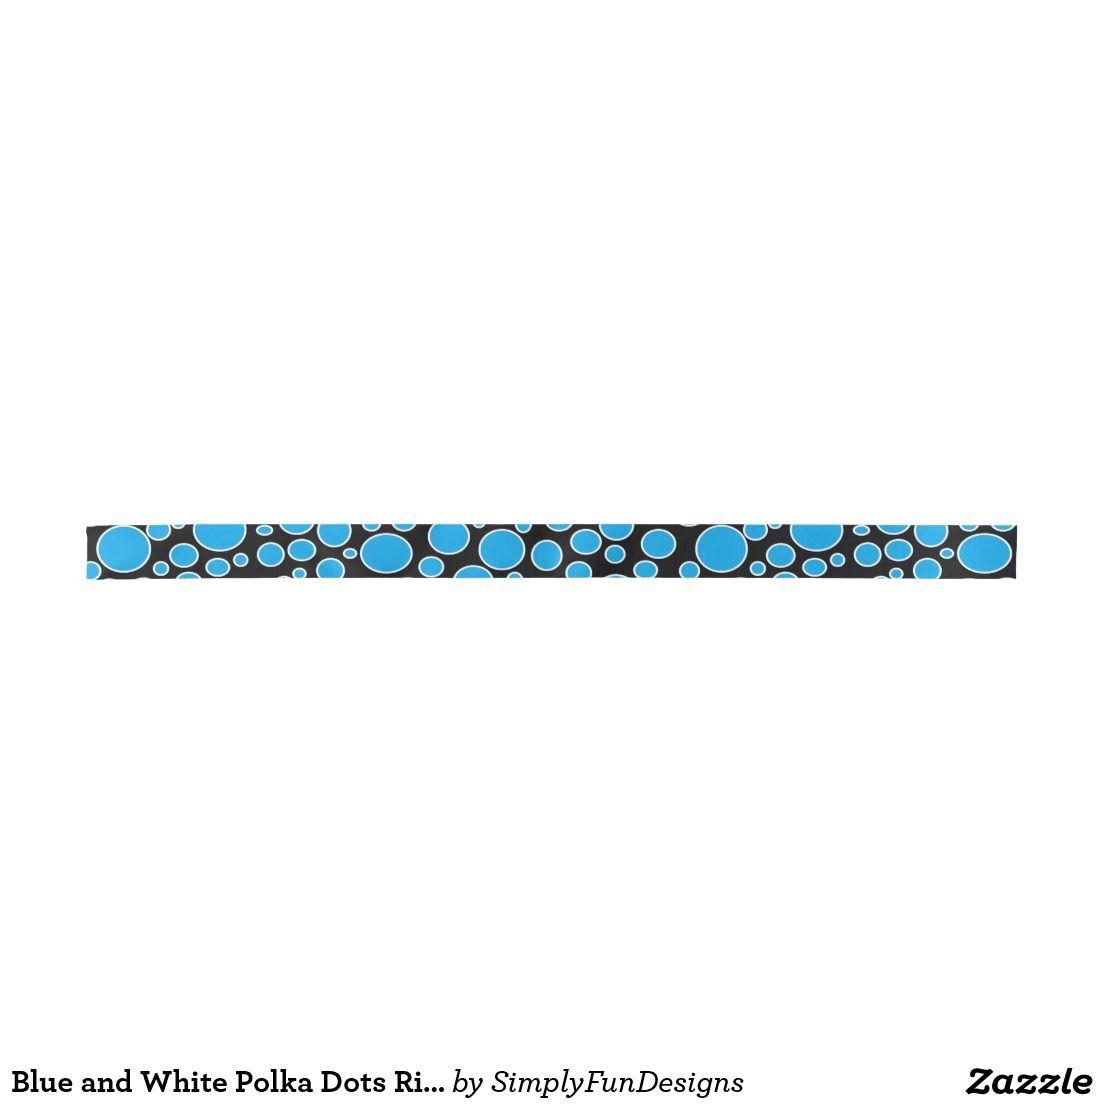 Blue and White Polka Dots Ribbon Satin Ribbon